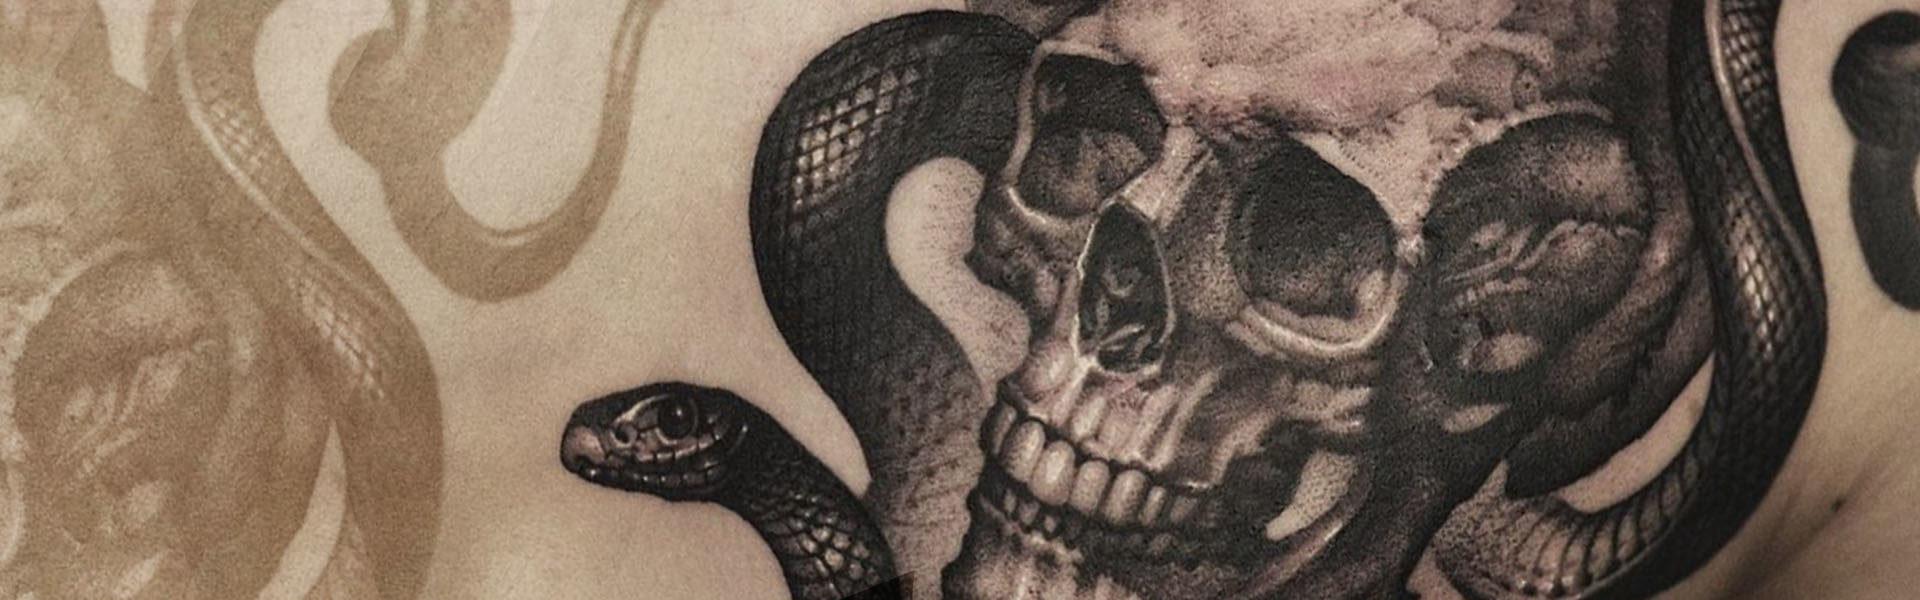 skull-main